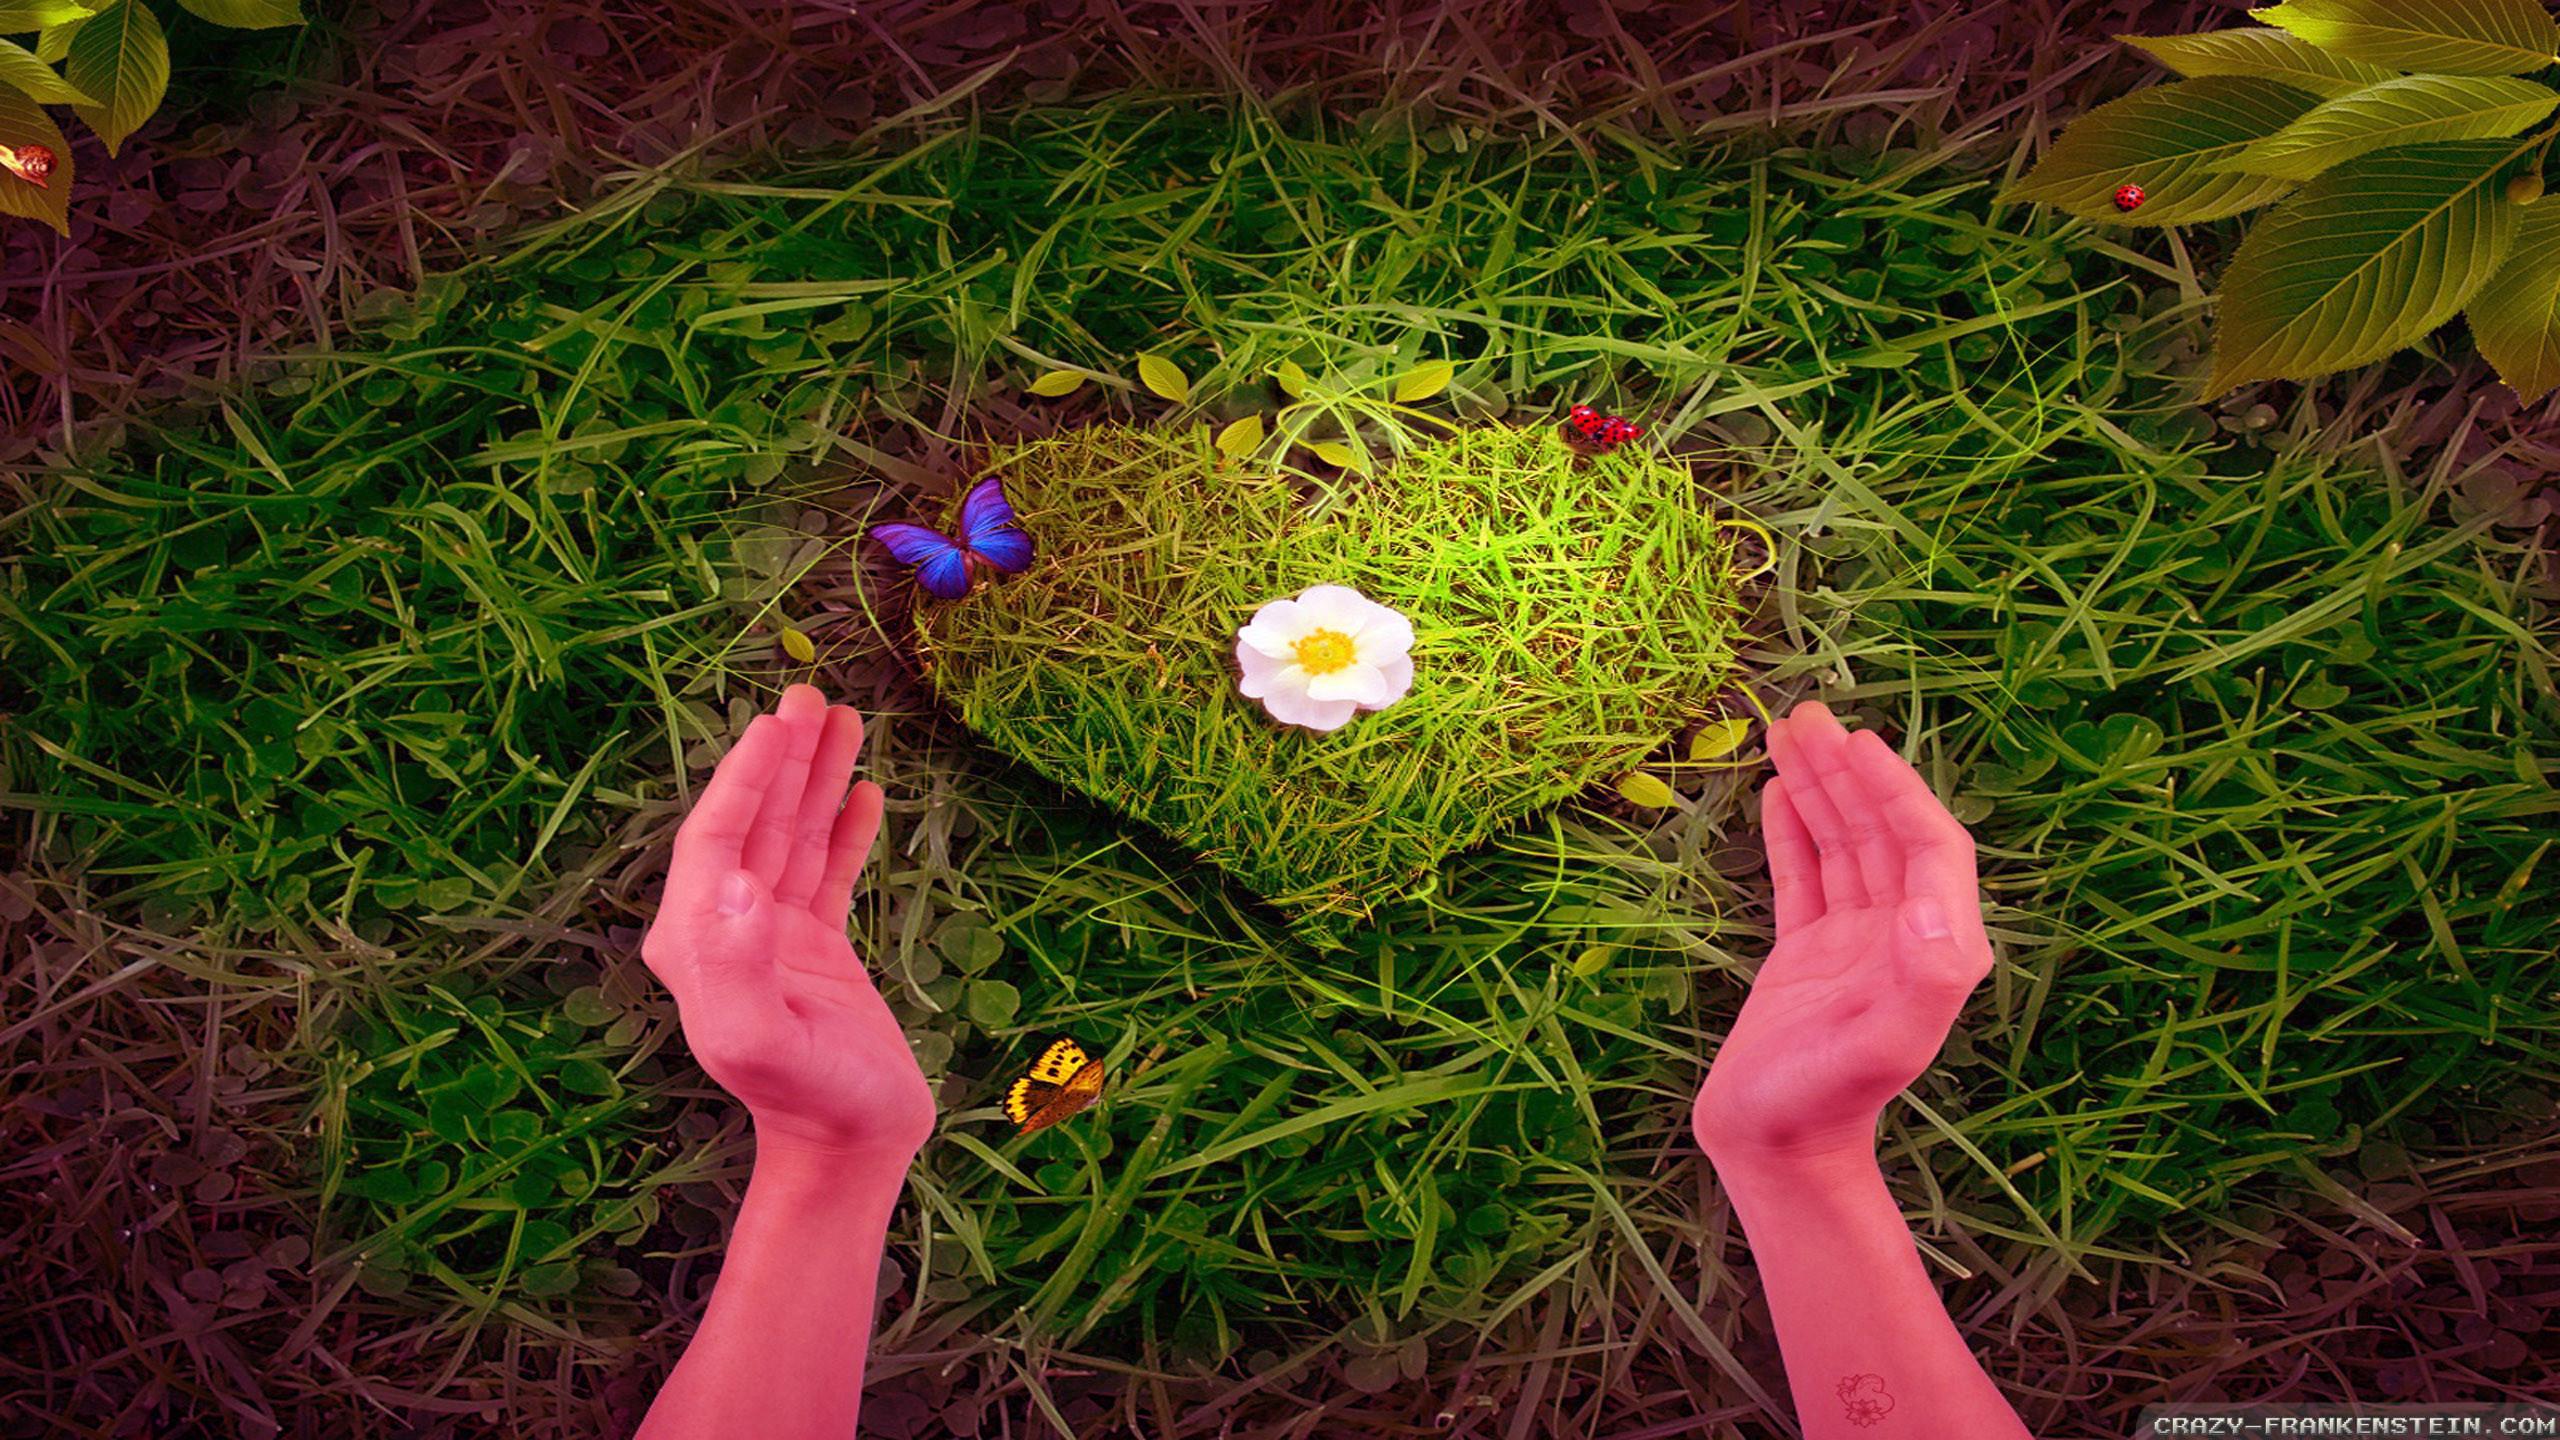 Res: 2560x1440, Download Hd Wallpaper Nature Love | mojmalnews.com